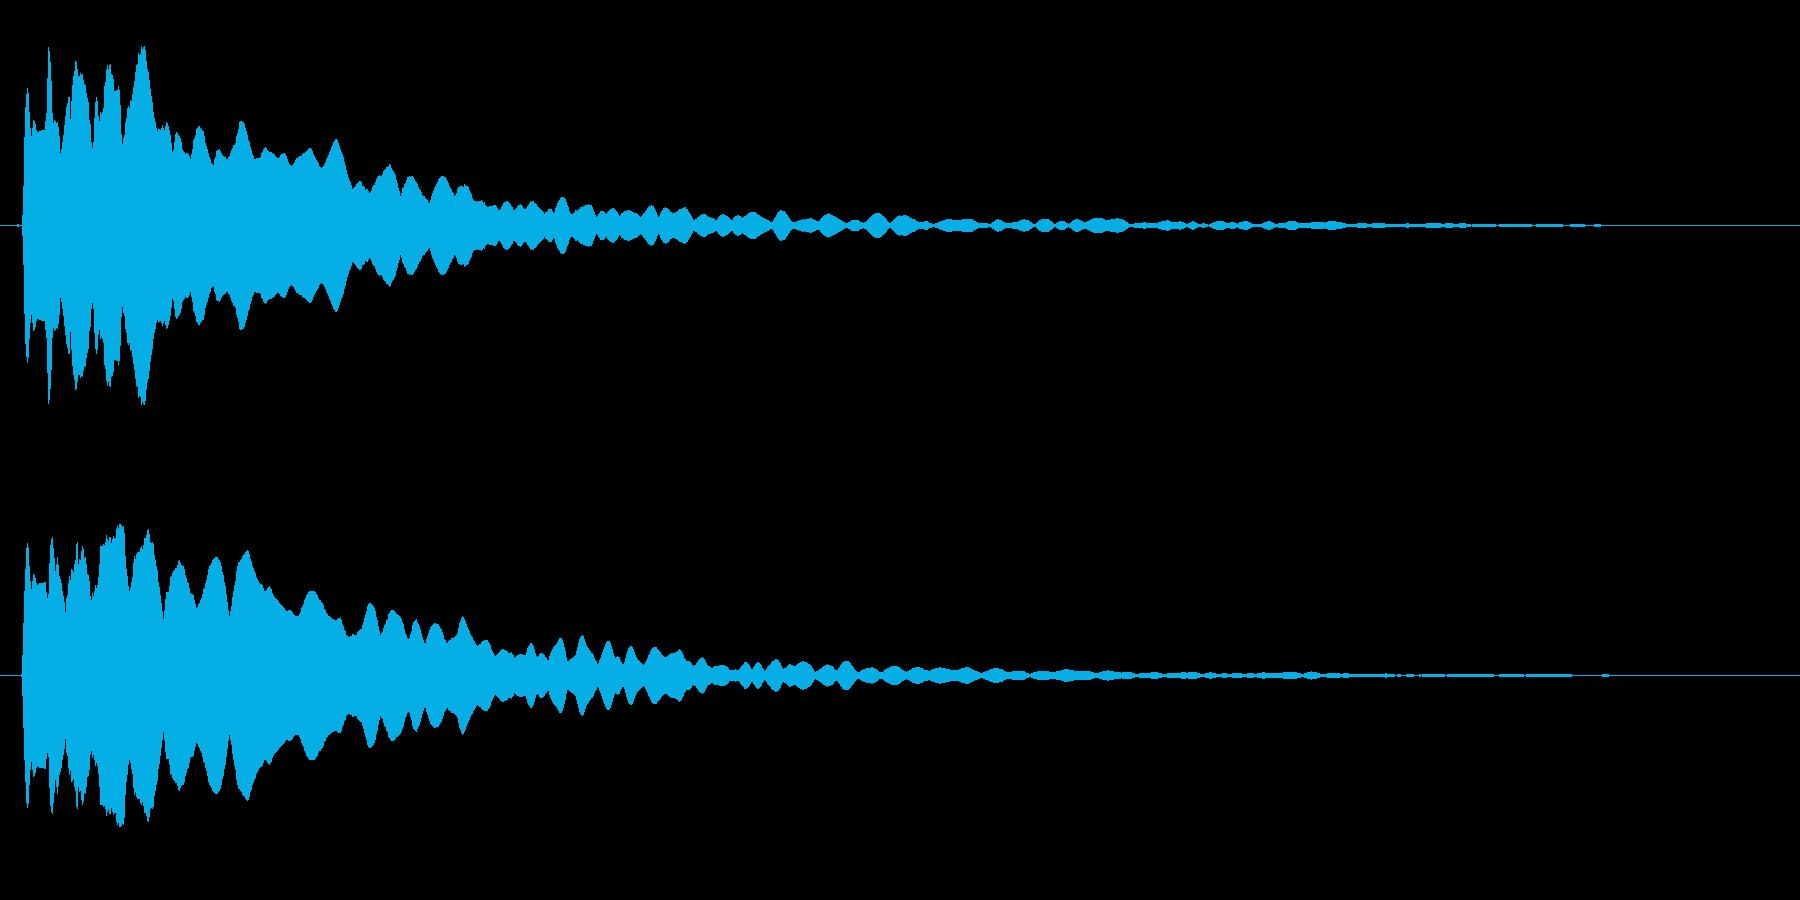 キーン(透明でキレの良い高音)の再生済みの波形